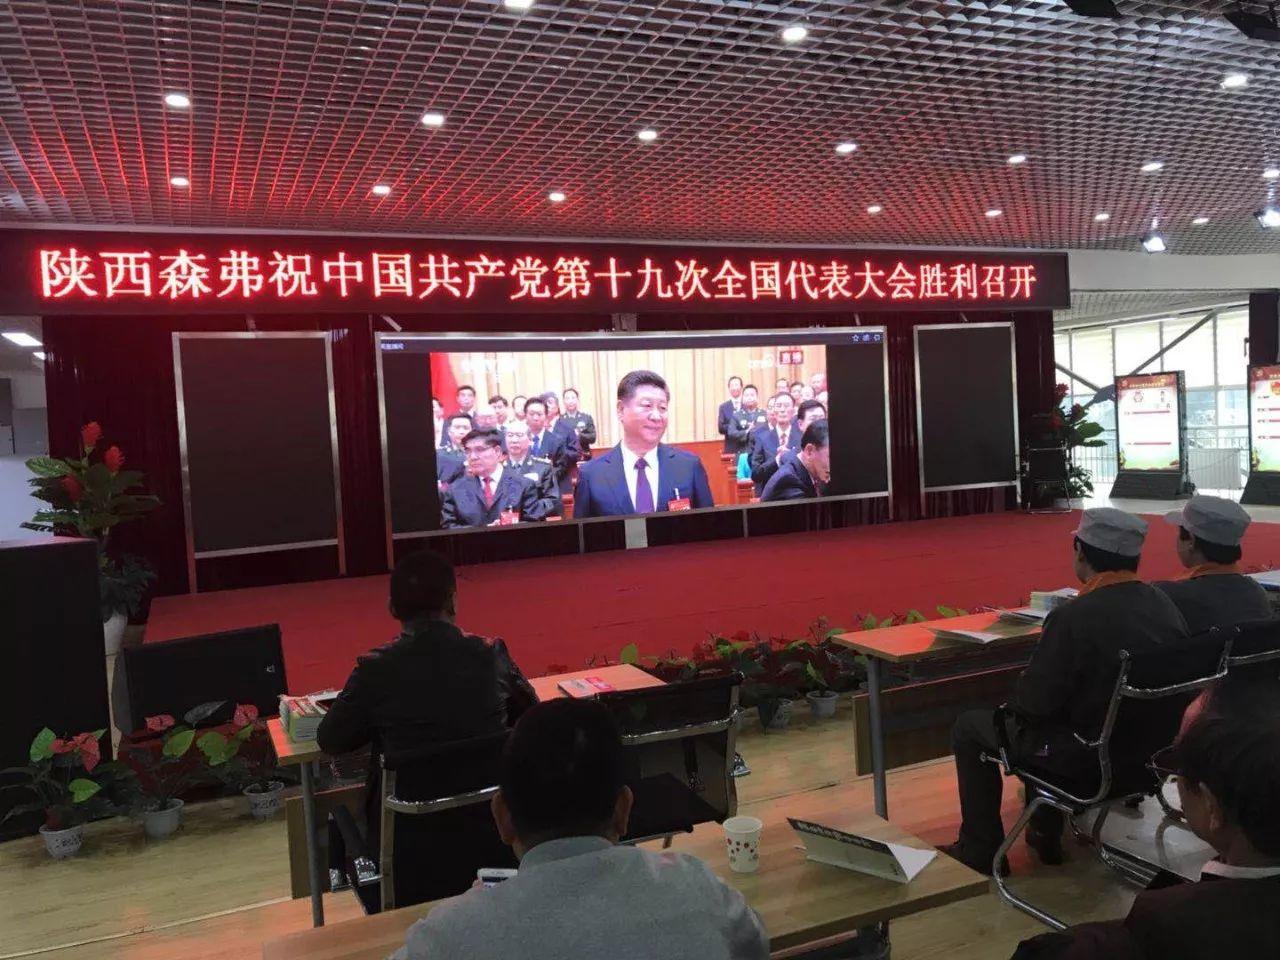 陕西森弗组织全体党员及员工收看十九大开幕盛况。